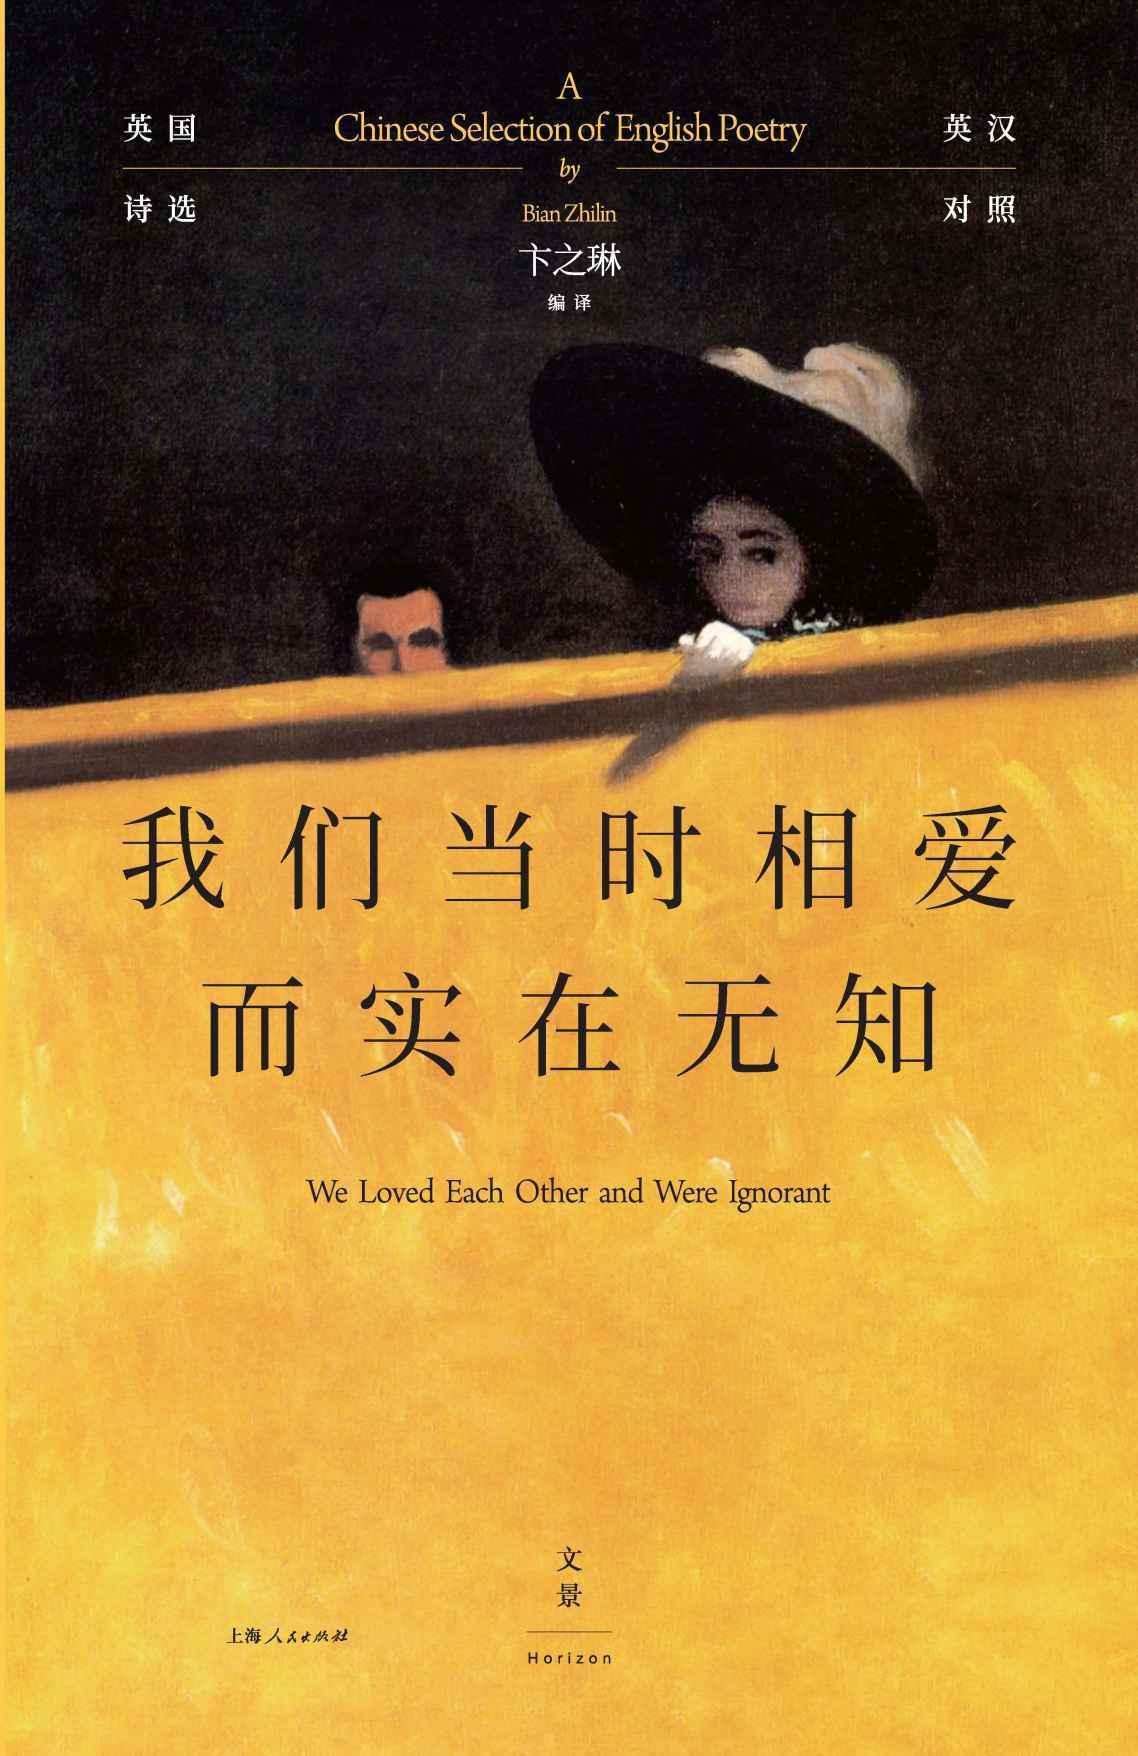 我们当时相爱而实在无知:英国诗选(英汉对照)pdf-epub-mobi-txt-azw3